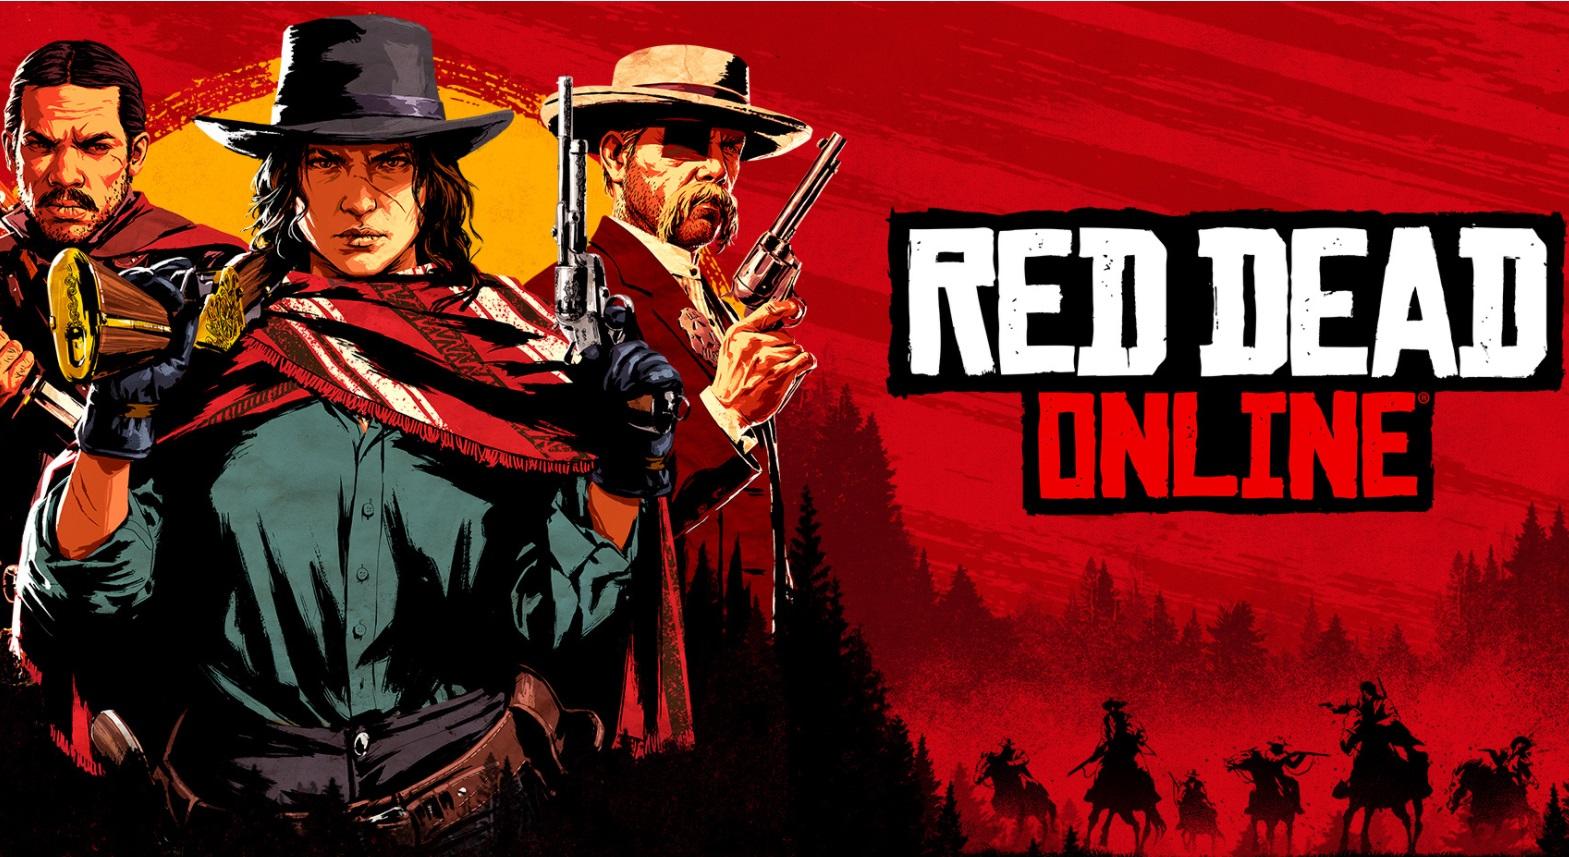 Yee haw! Red Dead Online goes standalone this December - Gearburn - gearburn